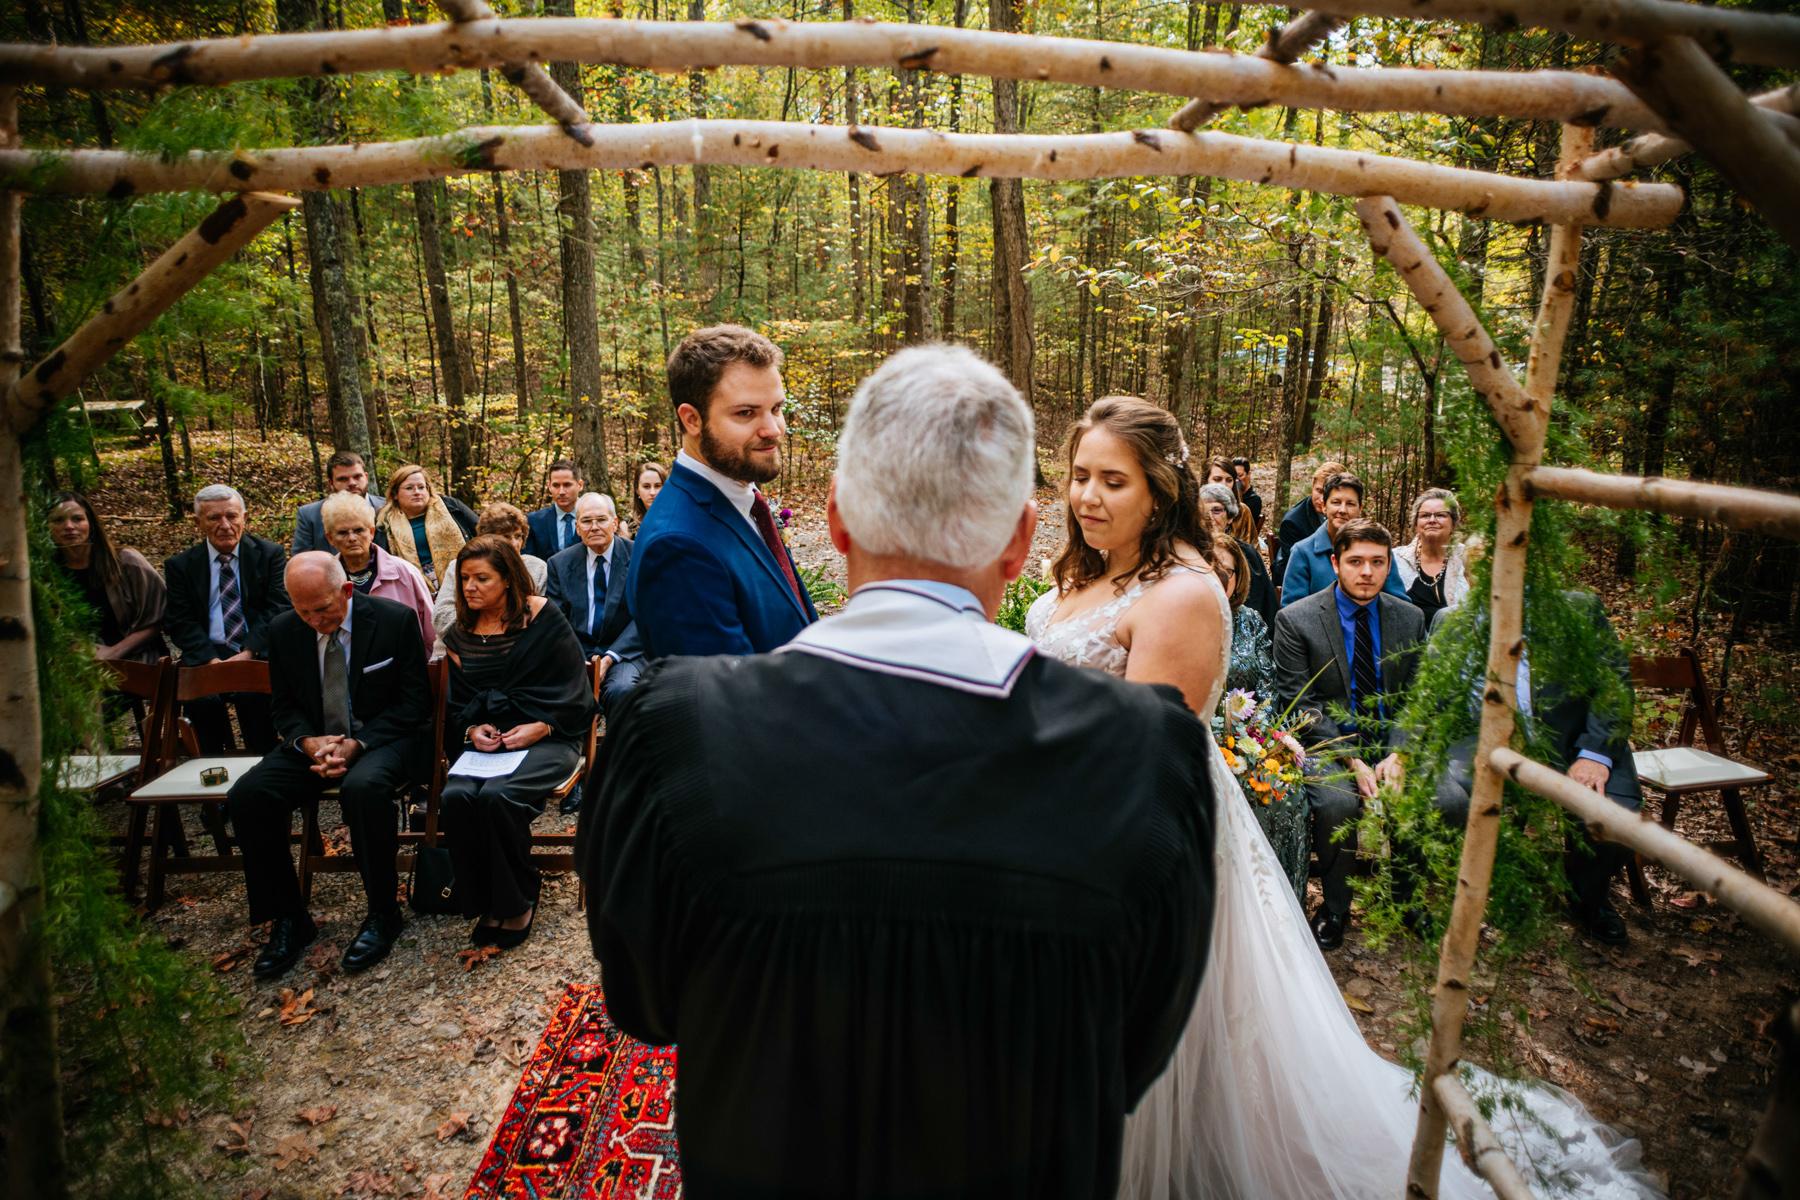 wv micro wedding ceremony